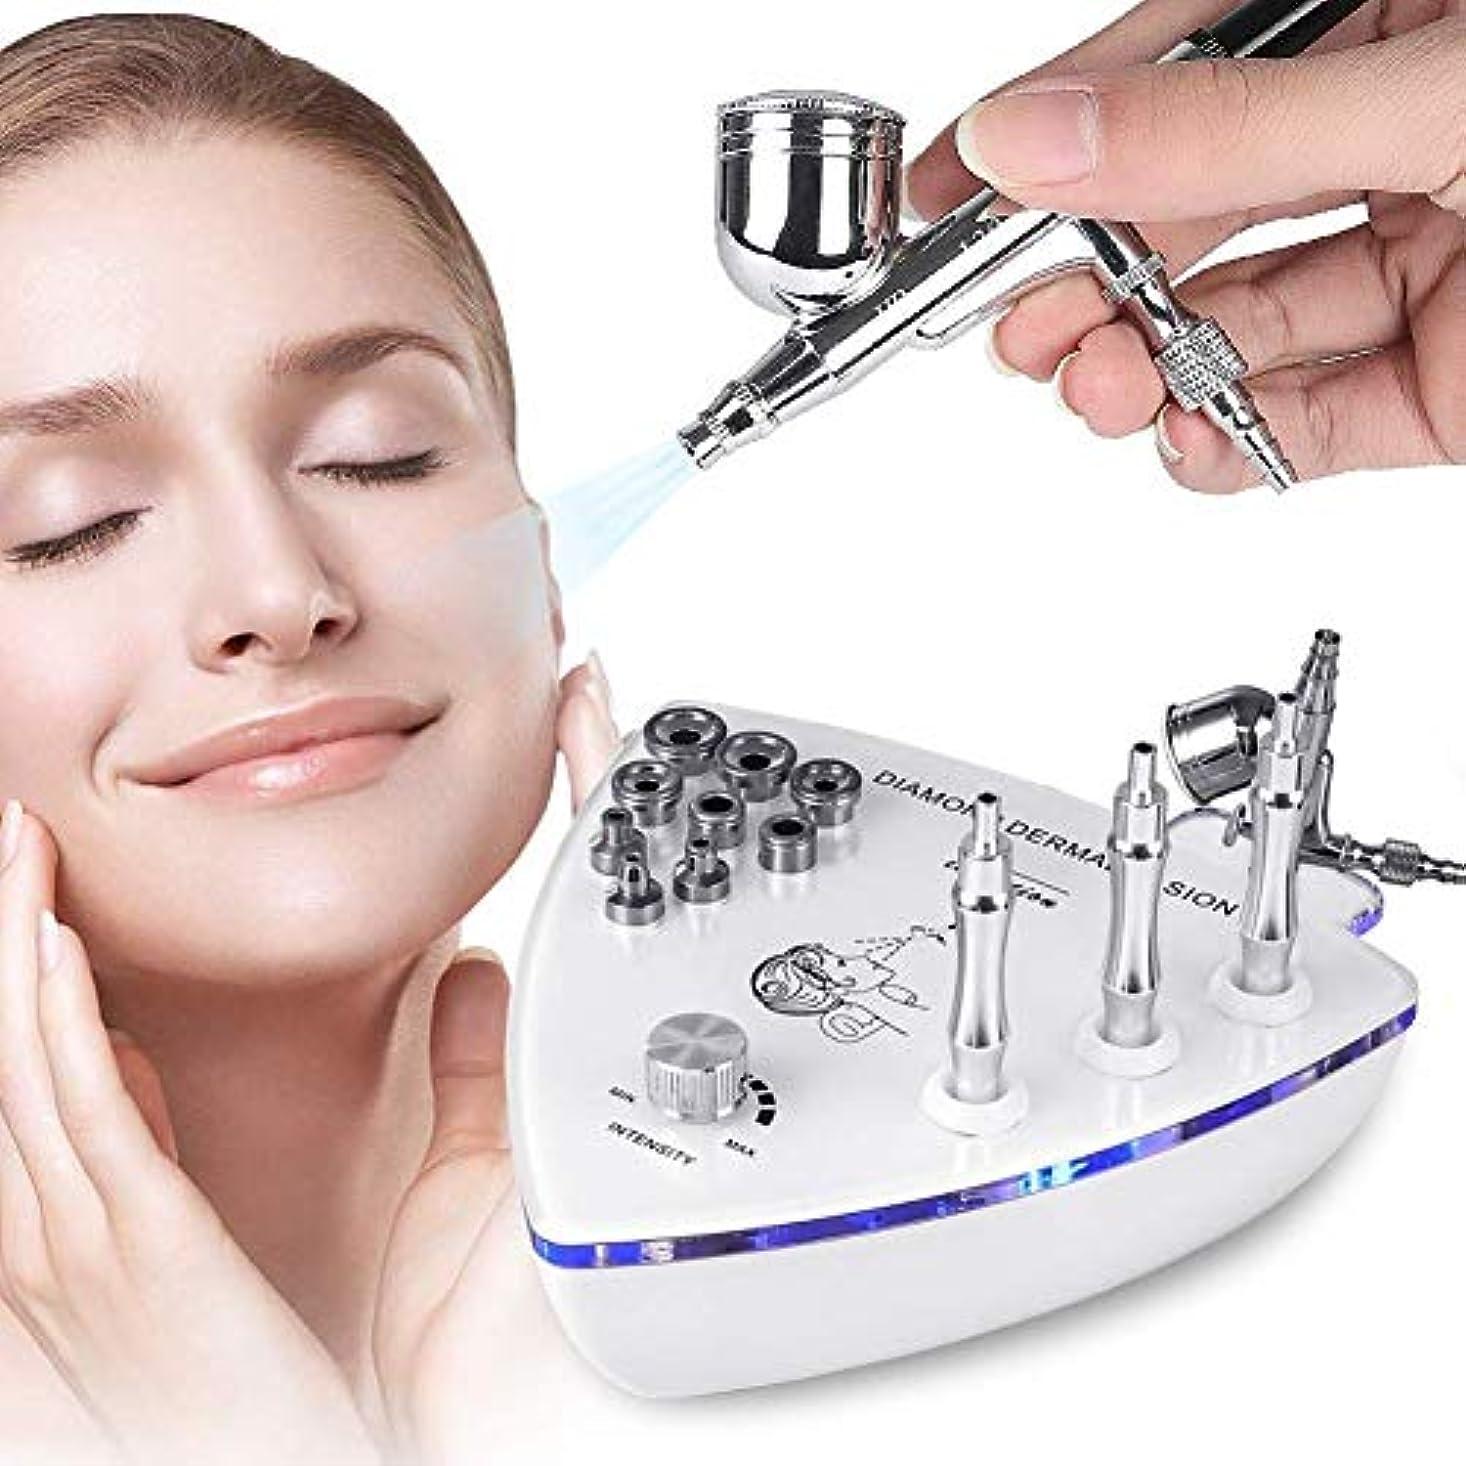 ビルマセーター不健康スプレーガン皮膚剥離除去顔の皮膚剥離装置、Professionalホームの使用をスプレーフェイシャル?美容サロン機器とダイヤモンドマイクロダーマブレーション皮膚剥離機、